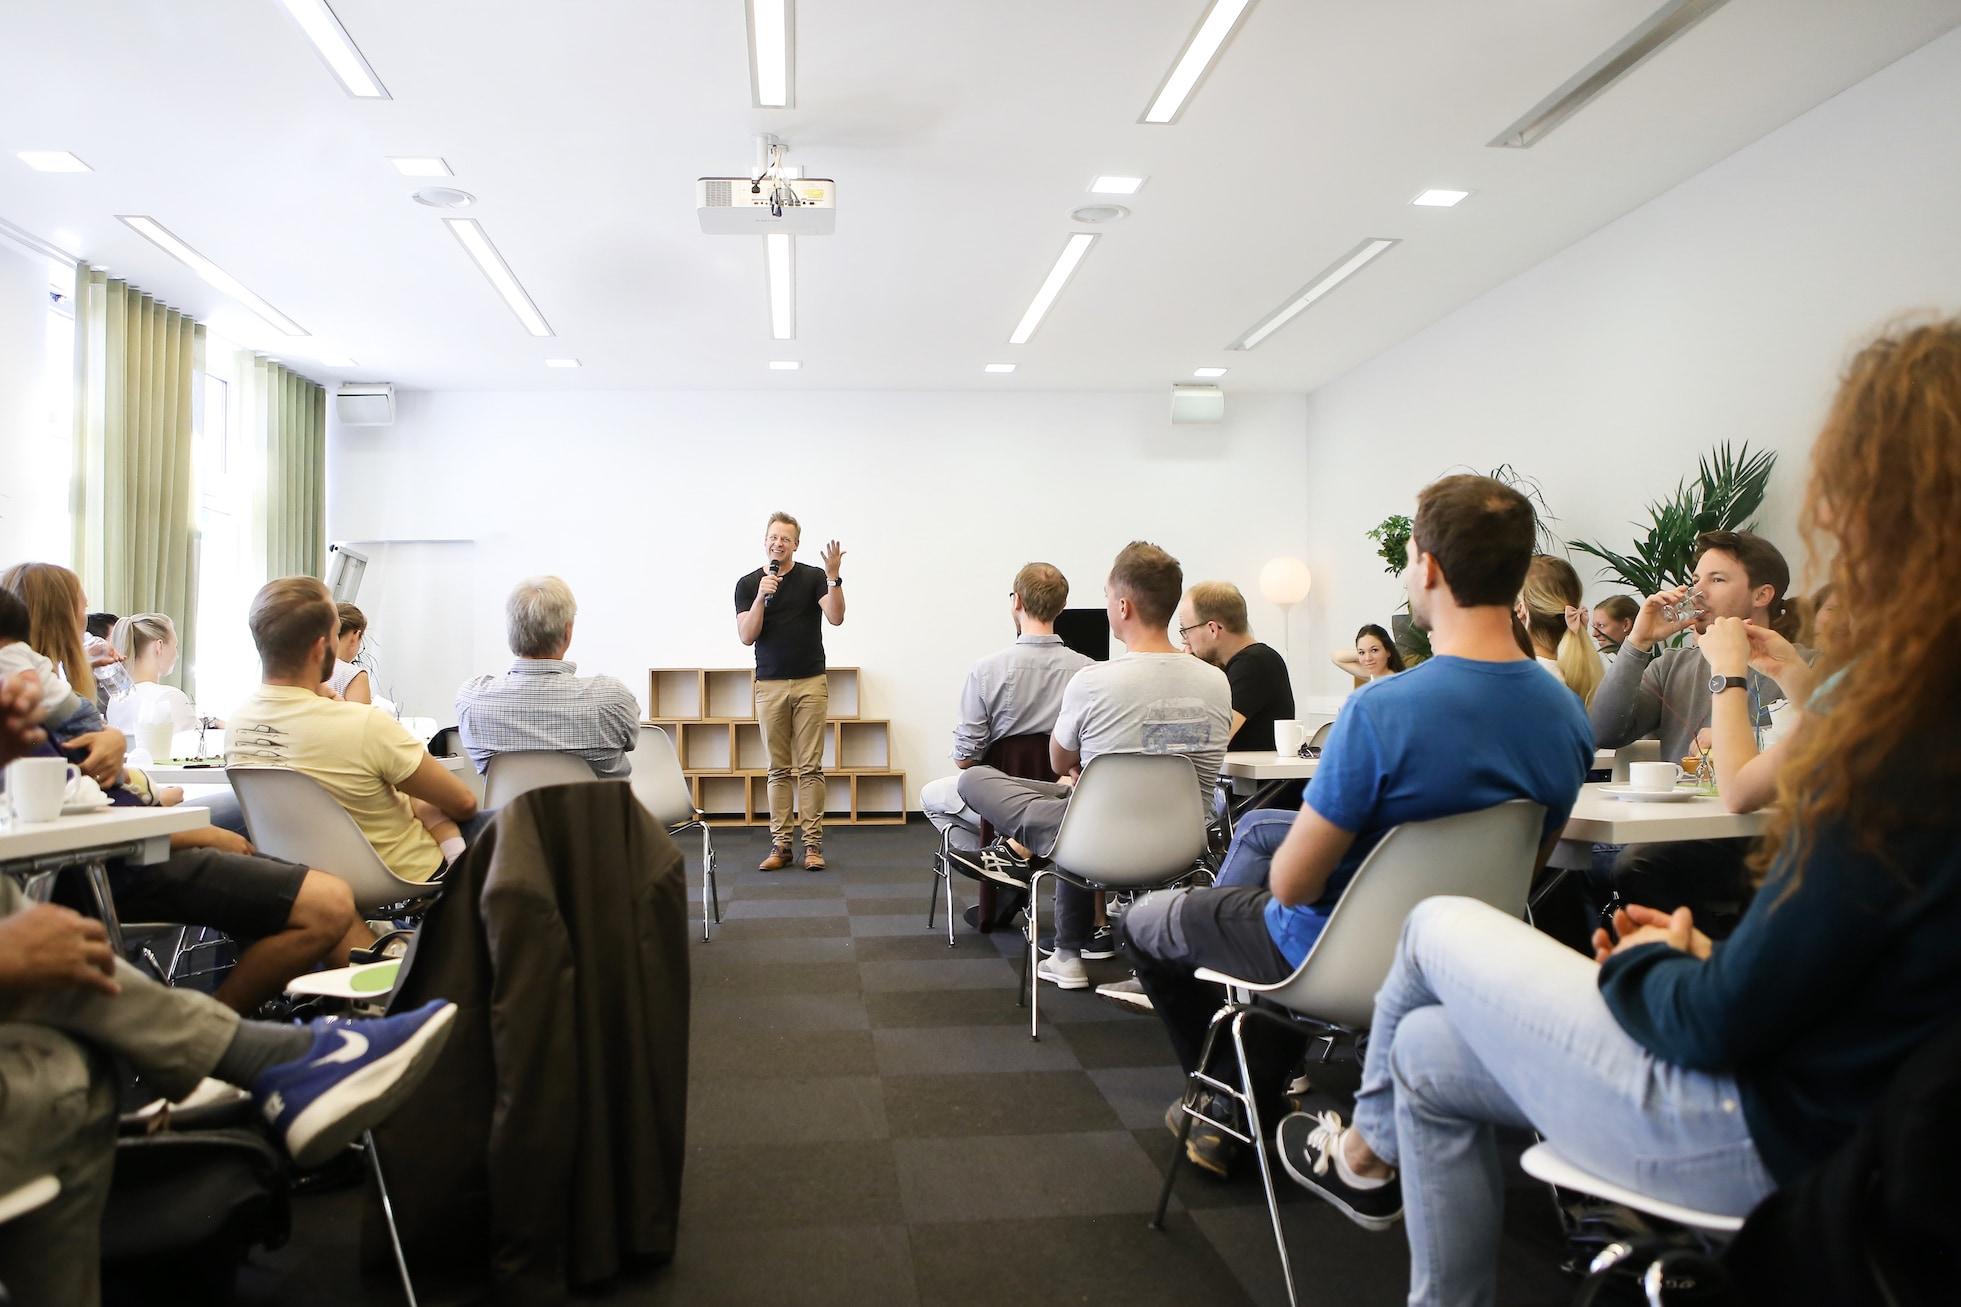 Predigt im evangelischen Gottesdienst in der Citychurch München